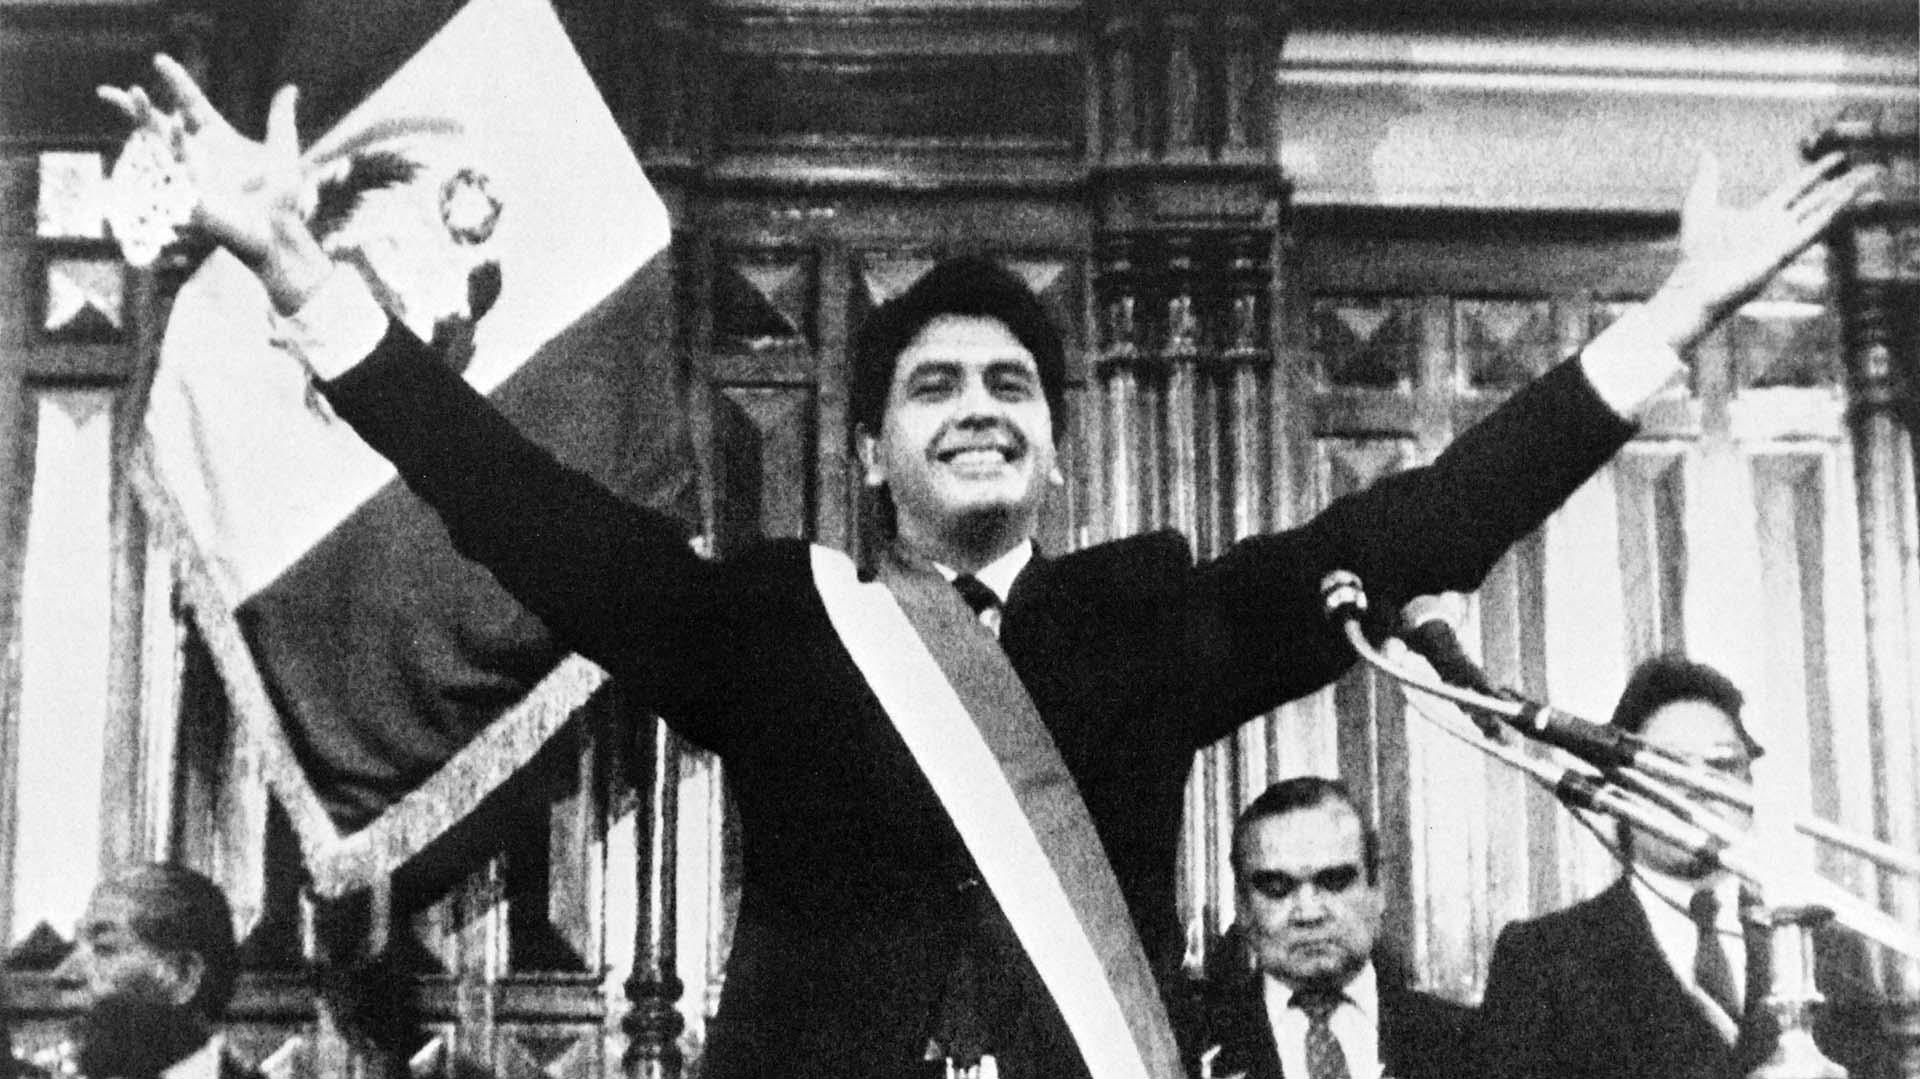 Alan García y su típico saludo a brazos abiertos, al ser investido como presidente en 1985. Tenía 36 años cuando llegó a la Presidencia